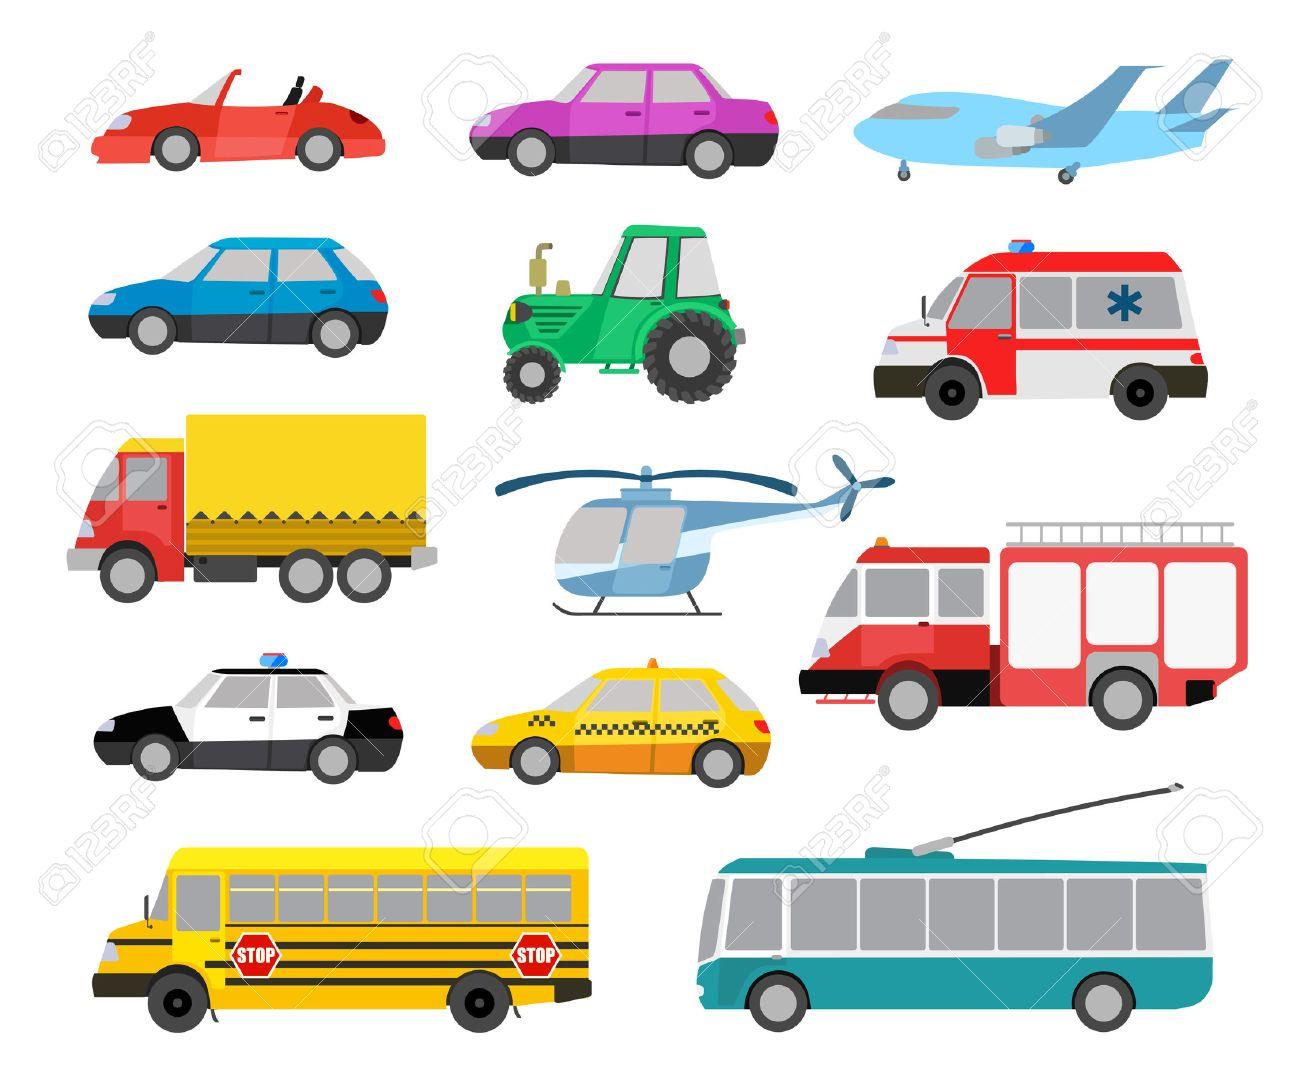 漫画かわいい車と車のセット。ベクトル図 ロイヤリティフリークリップ